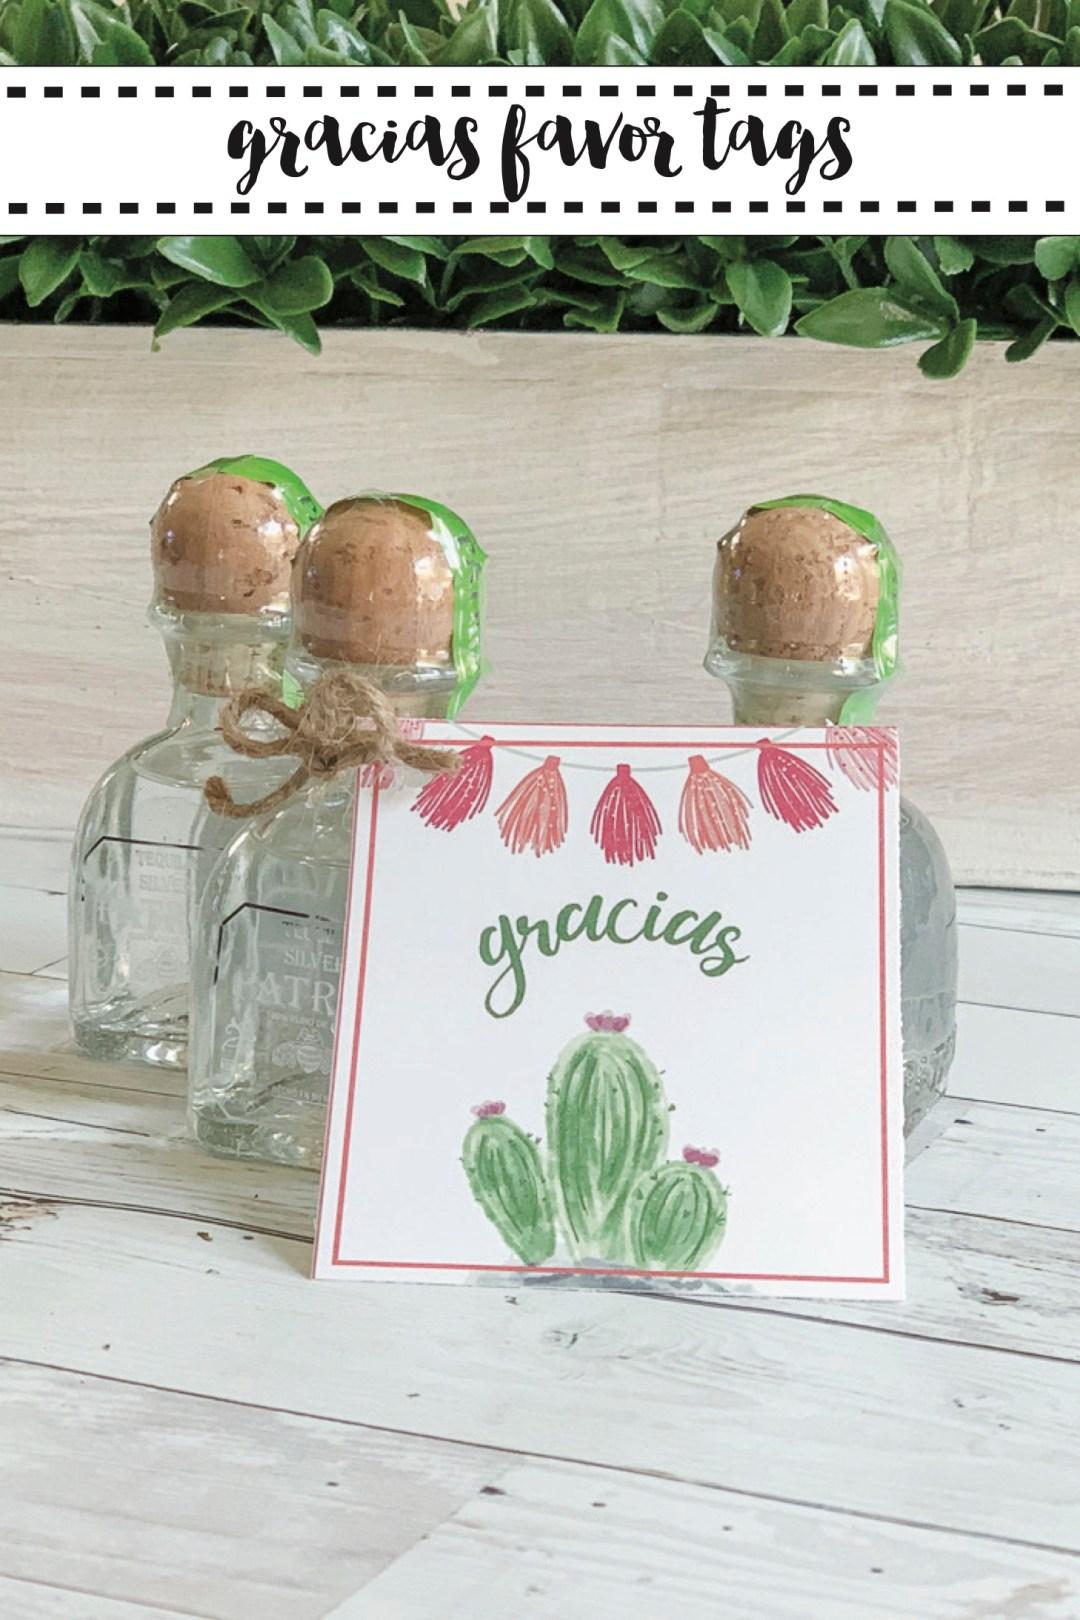 Patron Bottles Gracias Water Color Cactus Tags